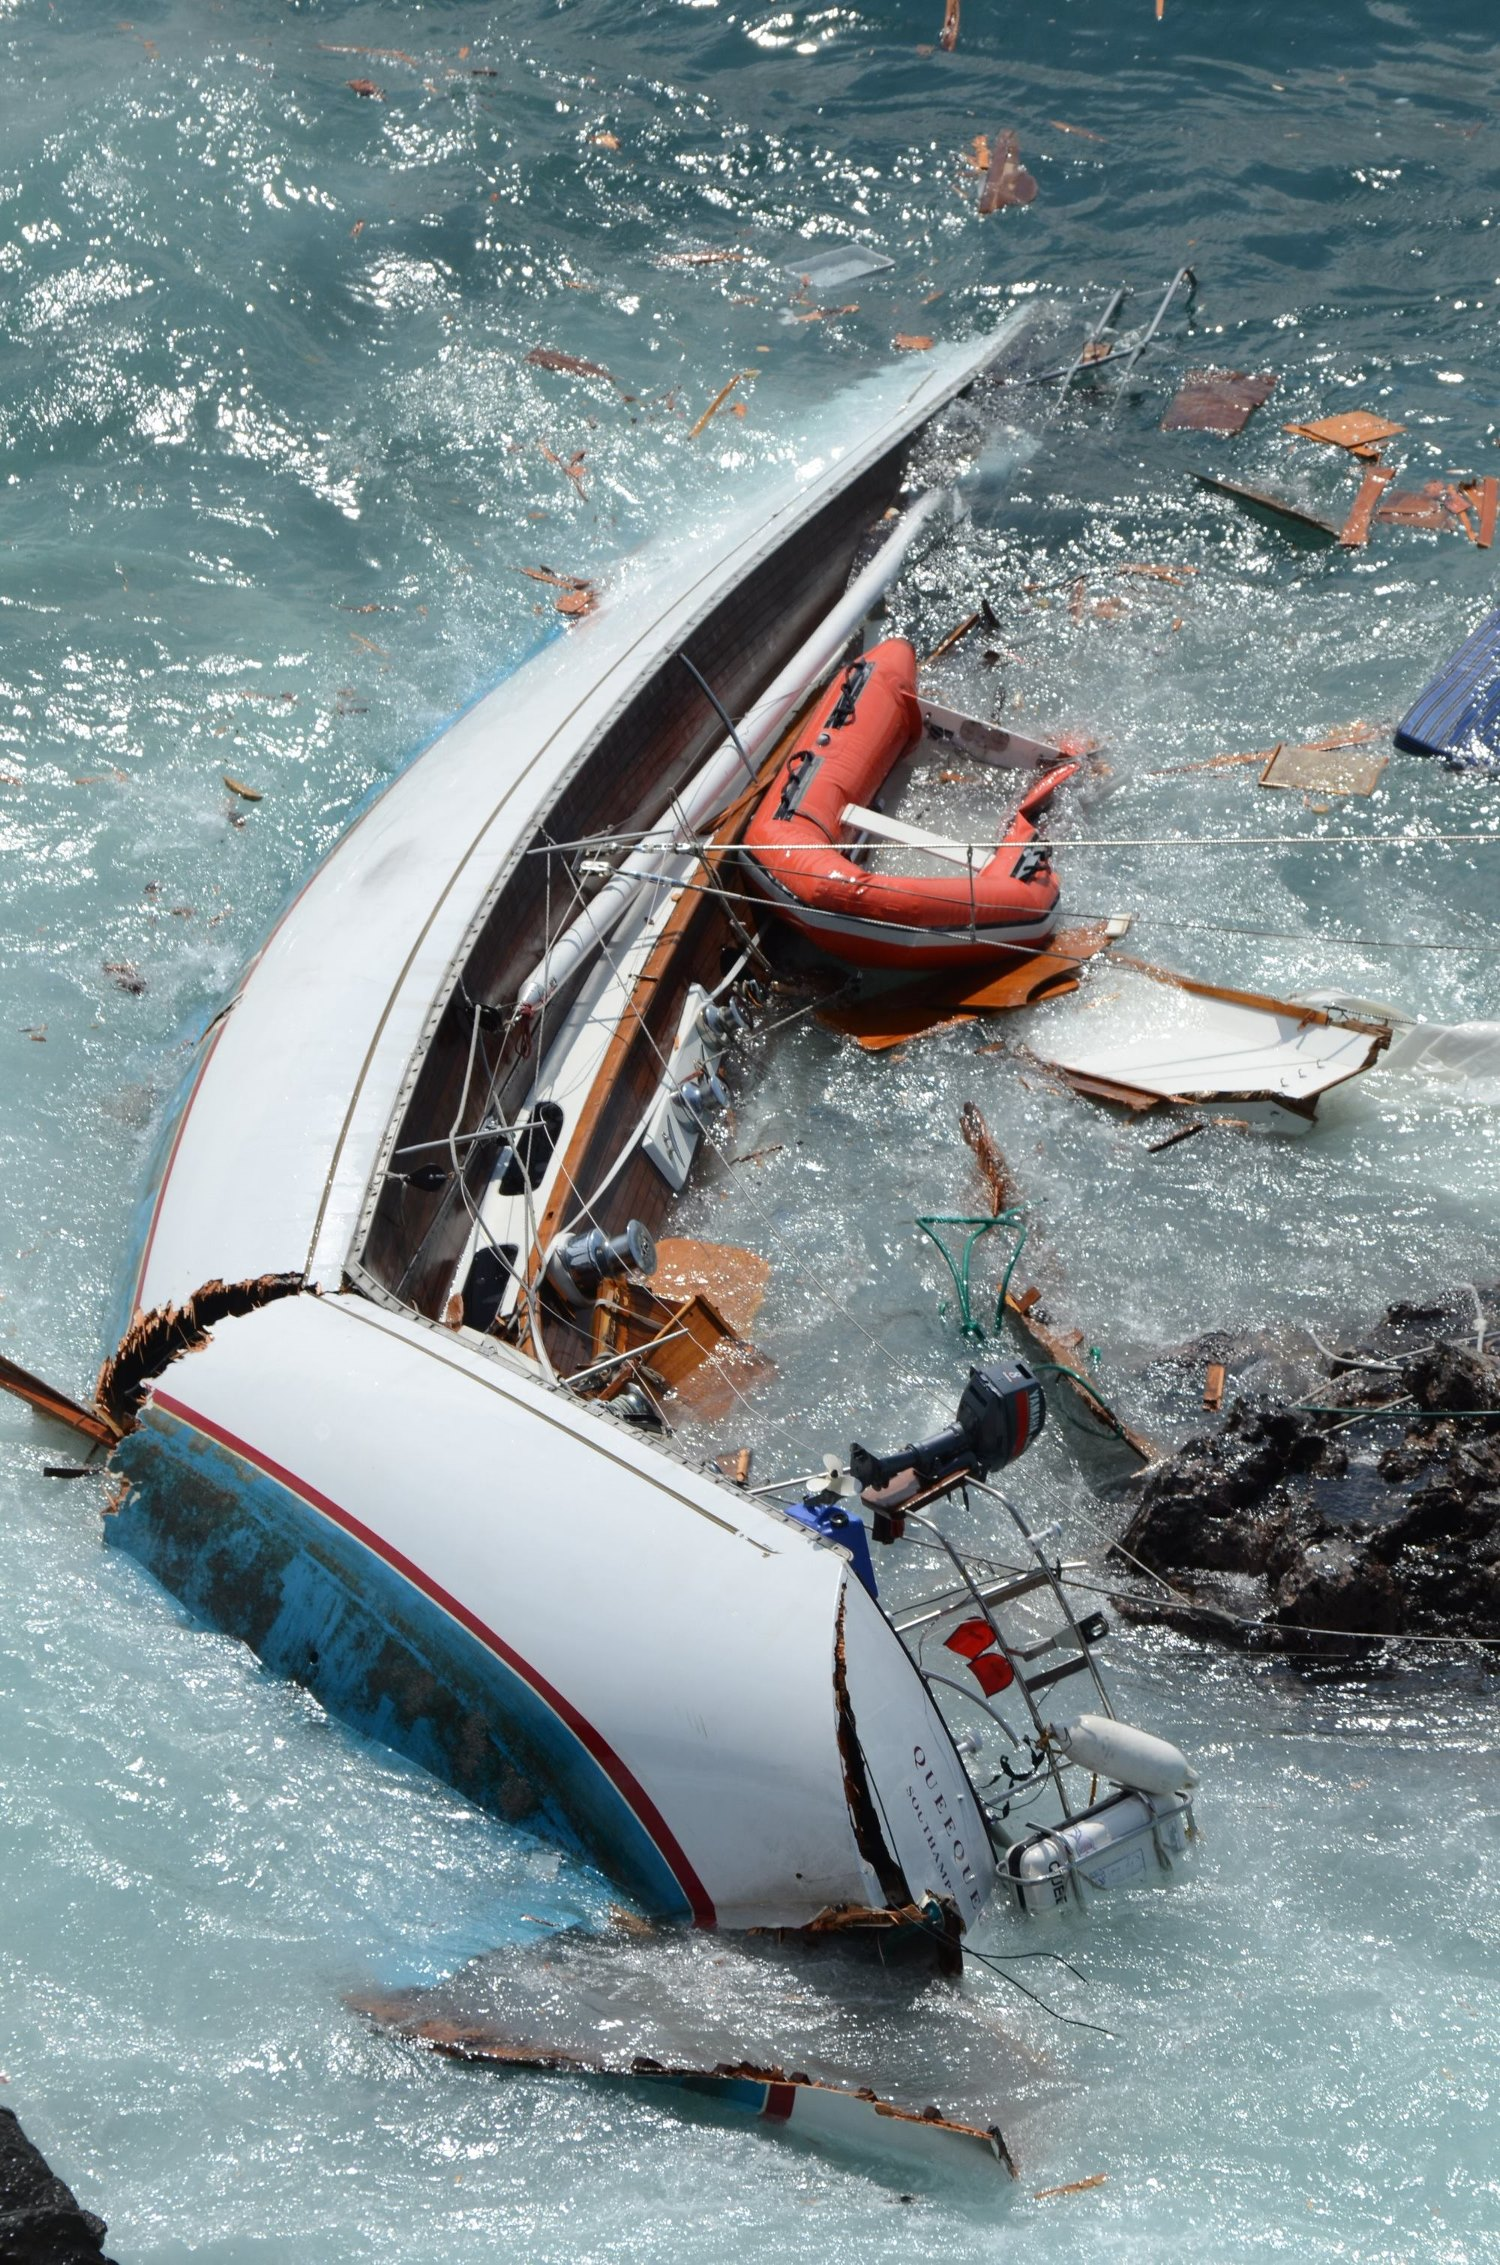 Segelyacht im sturm  Segeln: SOS-Bilderseite 2011